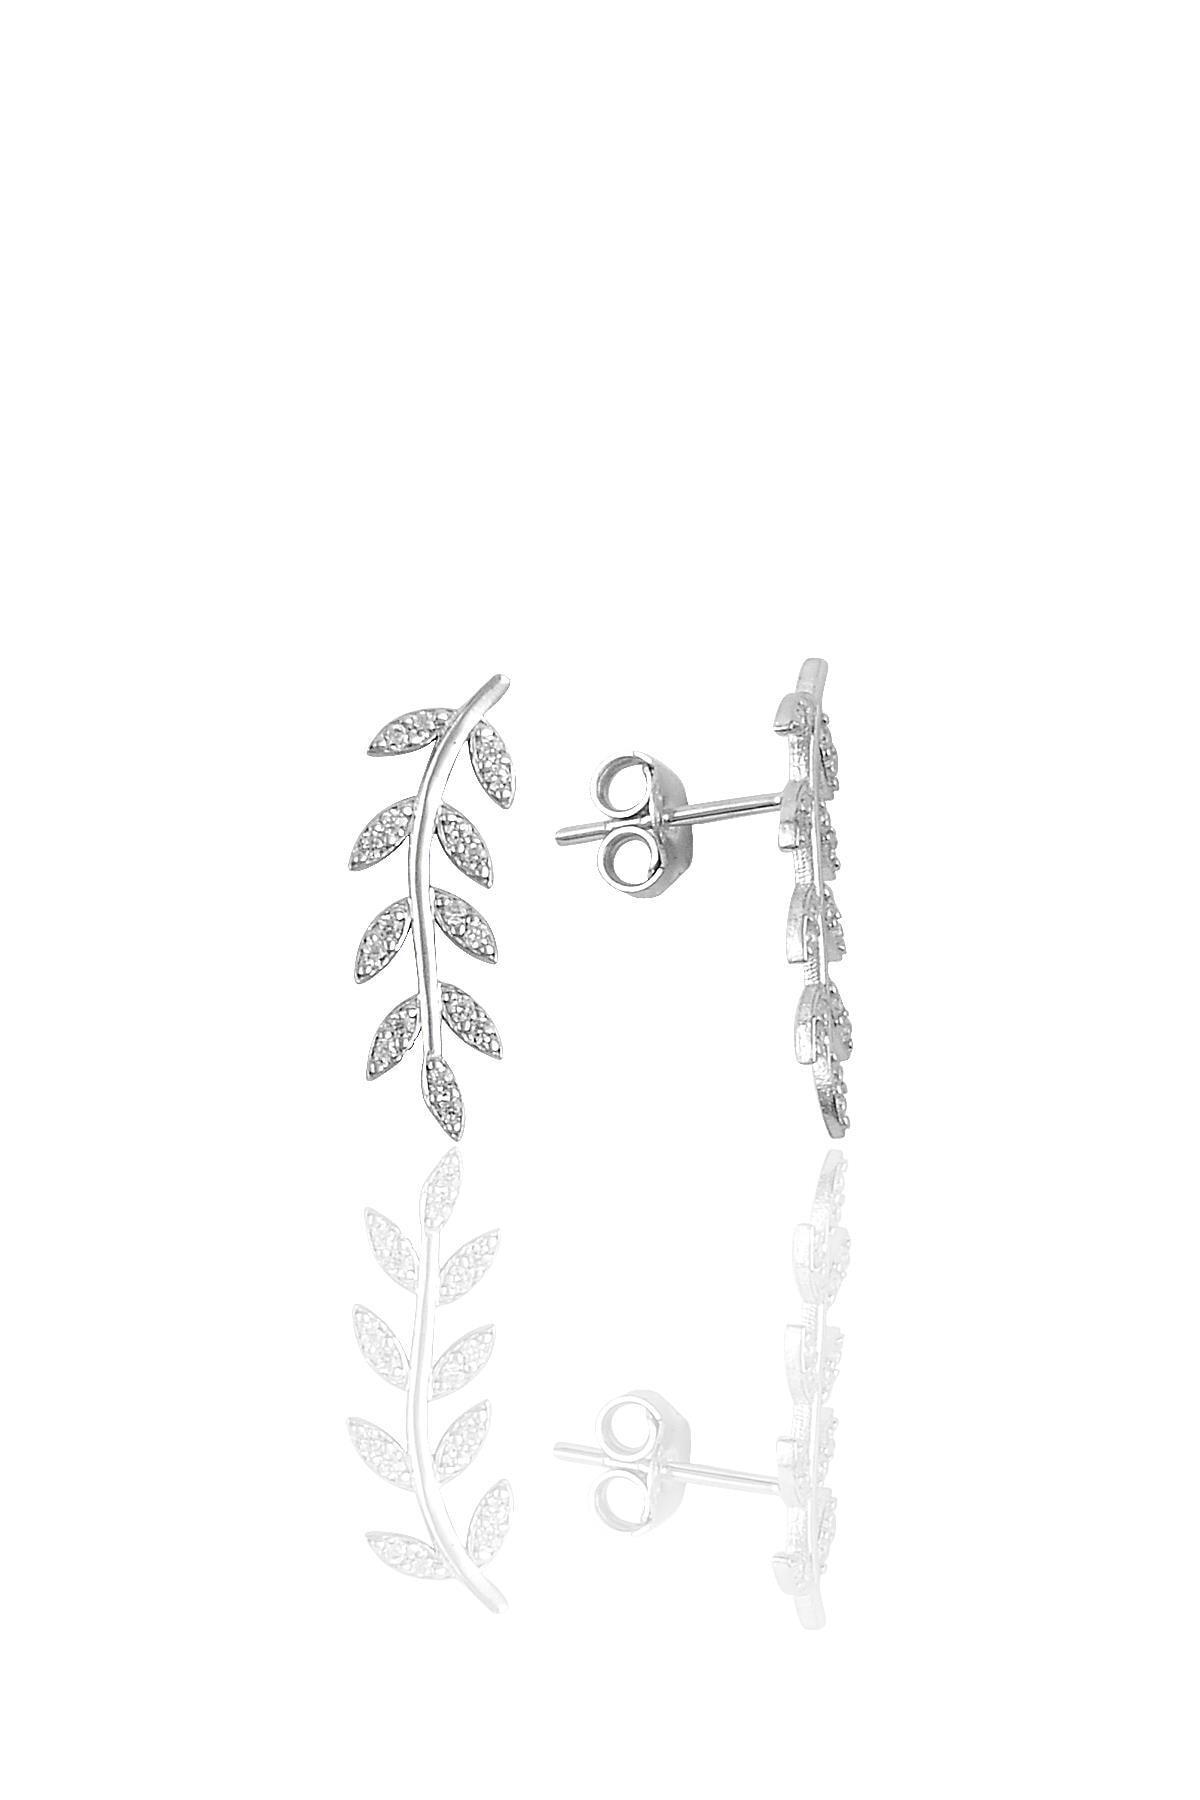 Söğütlü Silver Gümüş Rodyumlu Zirkon Taşlı Yaprak Üçlü Set 2